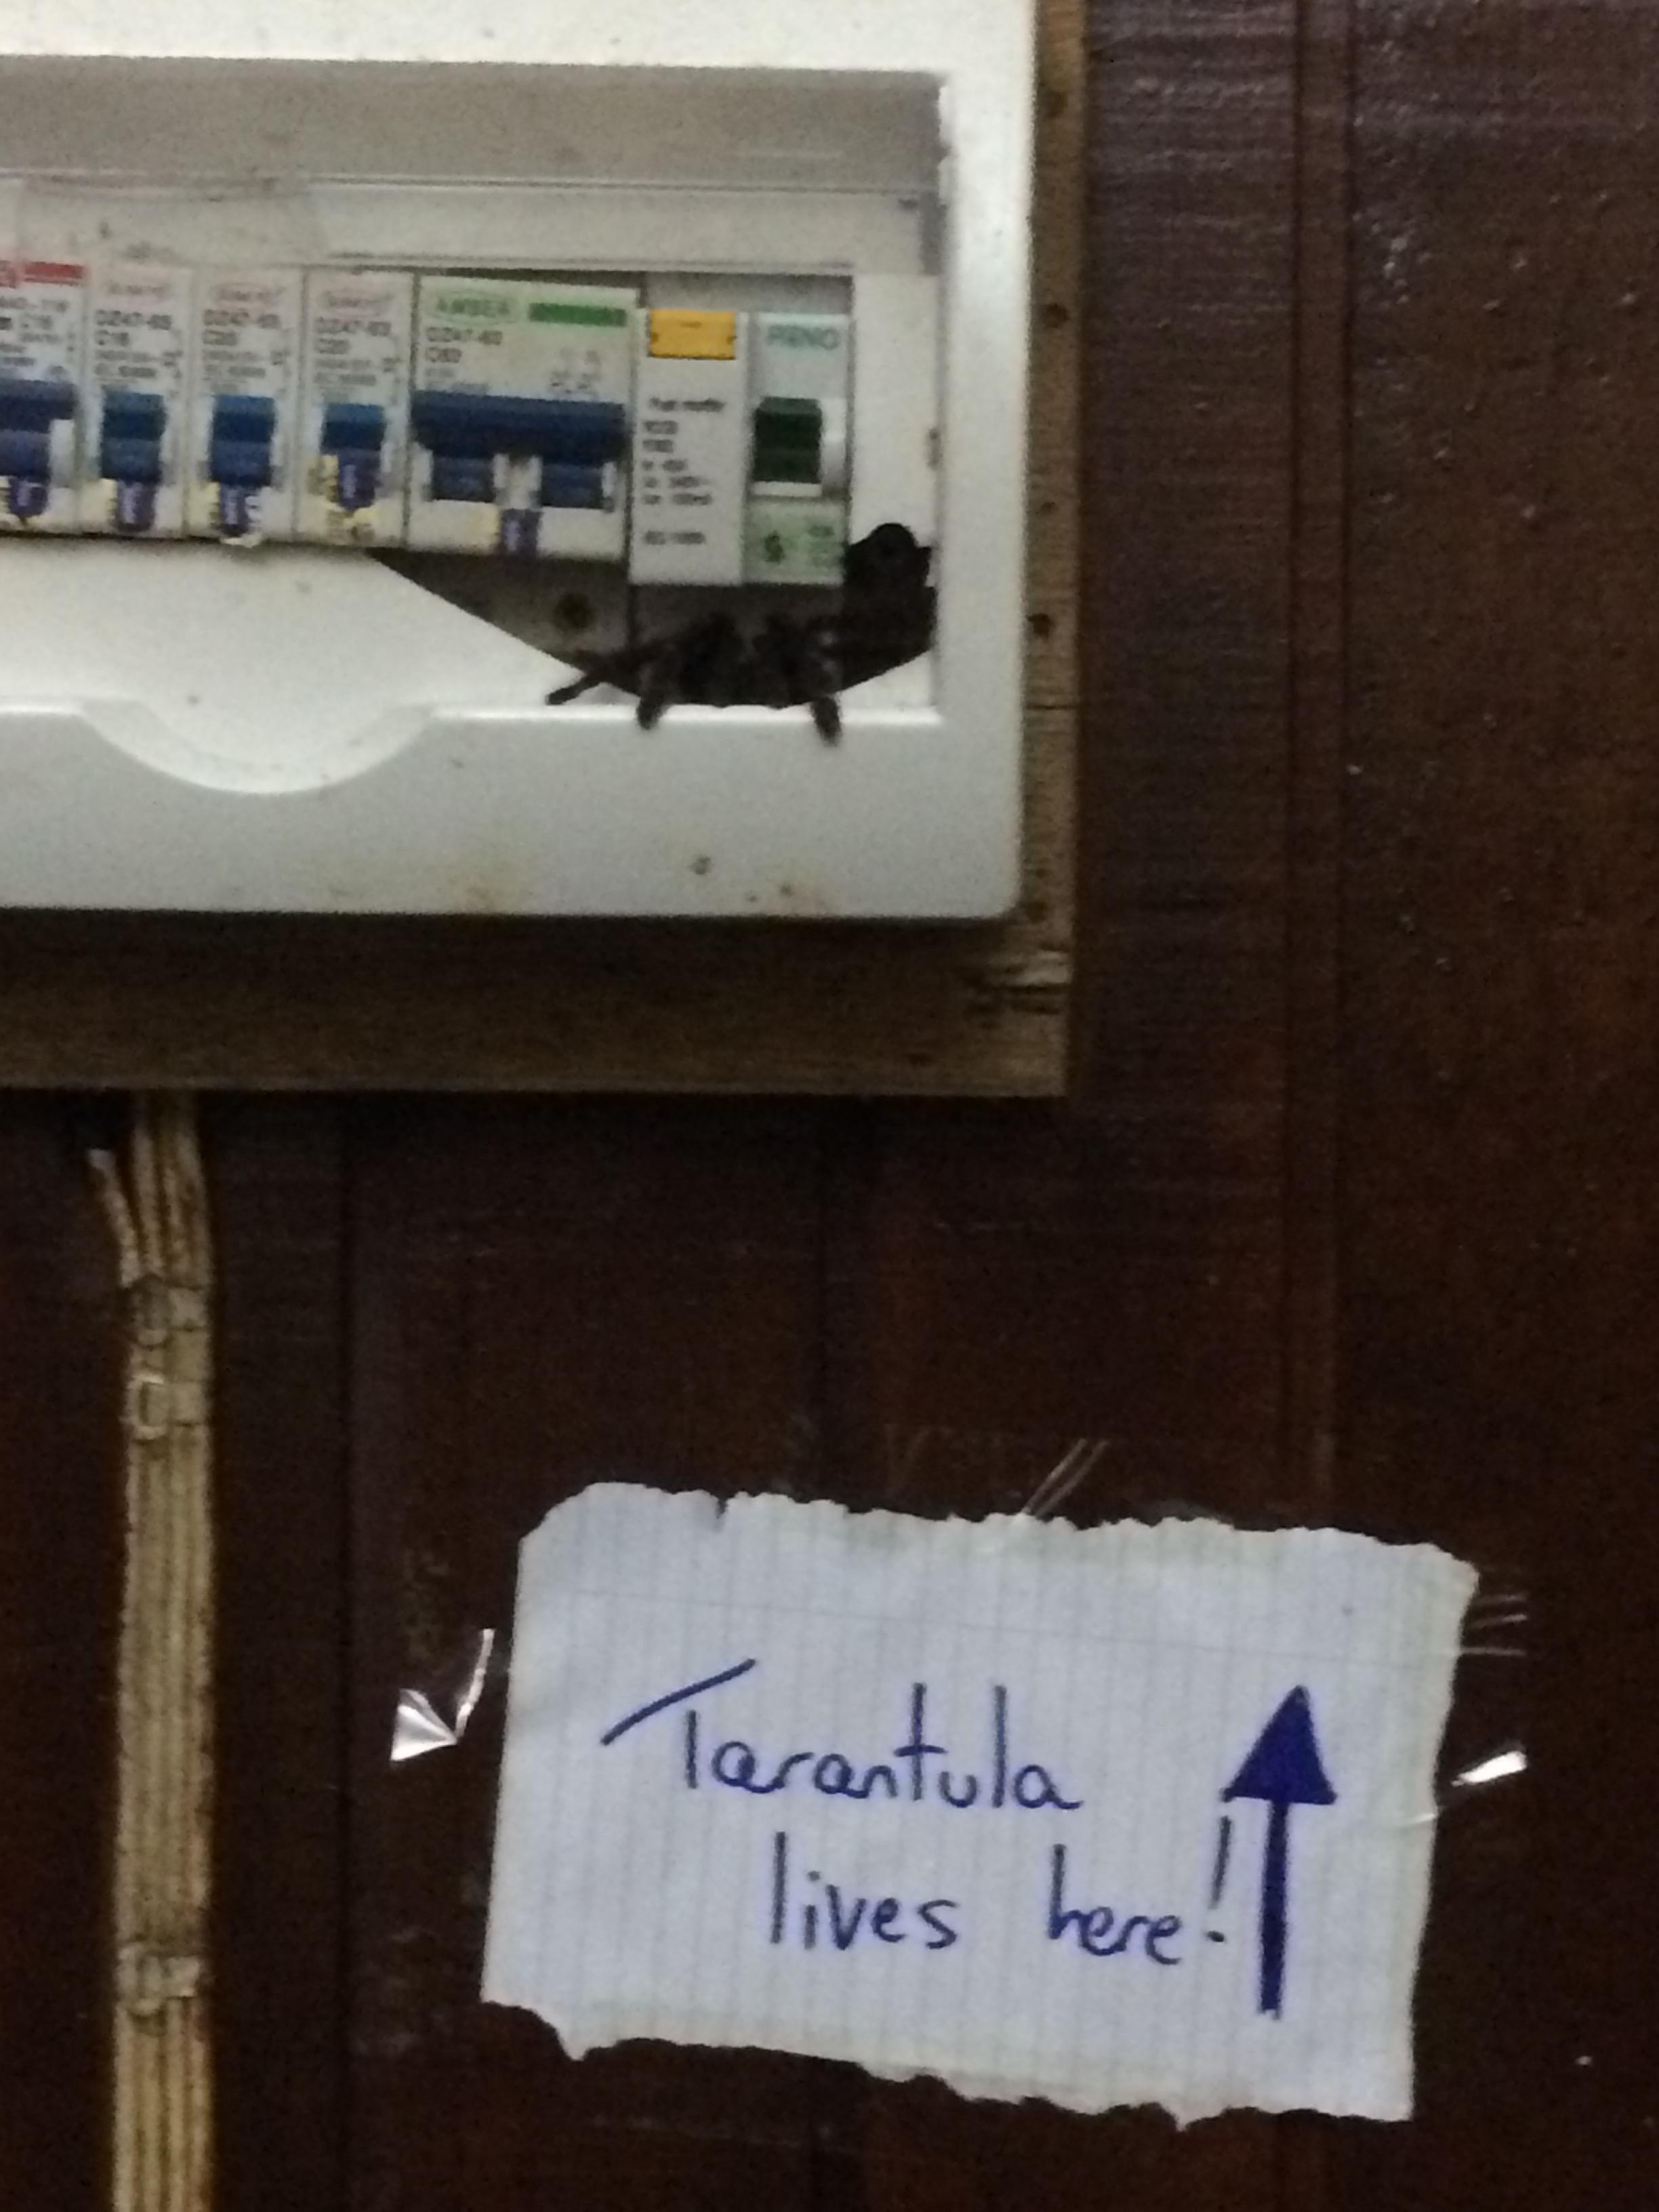 Danum Tarantula in my Tiong